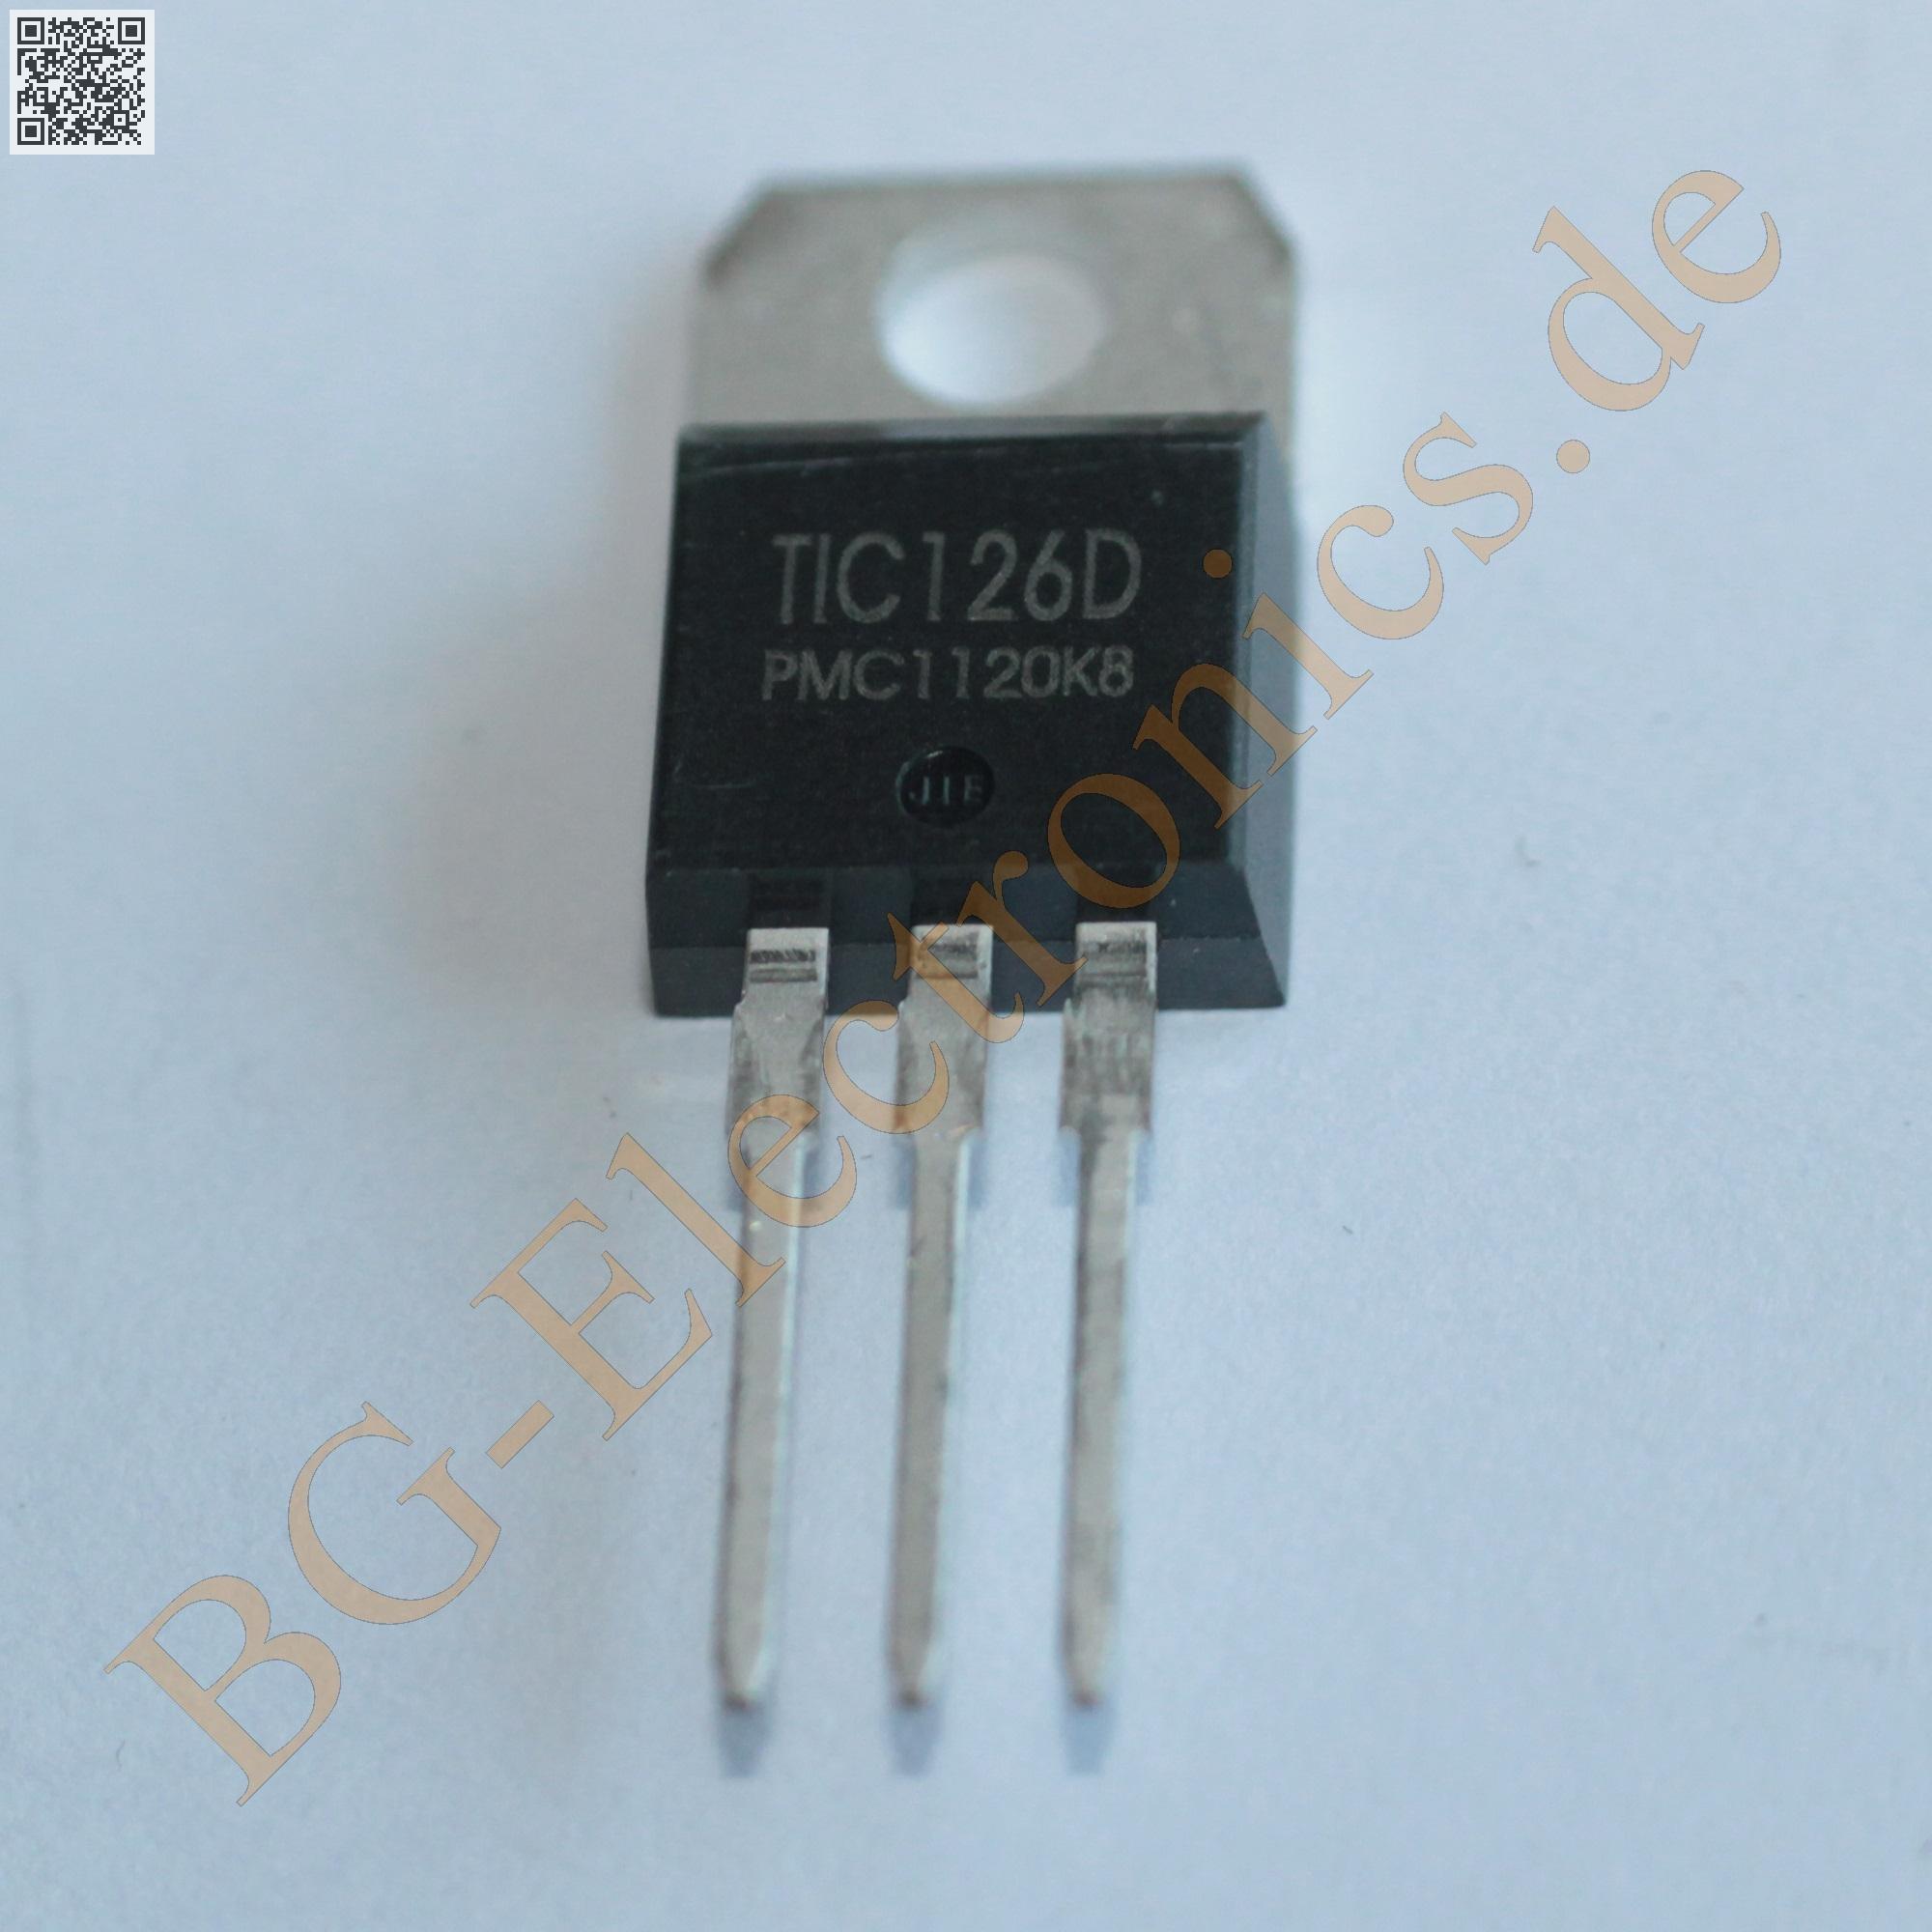 1 x TIC126D Triac PMC TO-220 1pcs